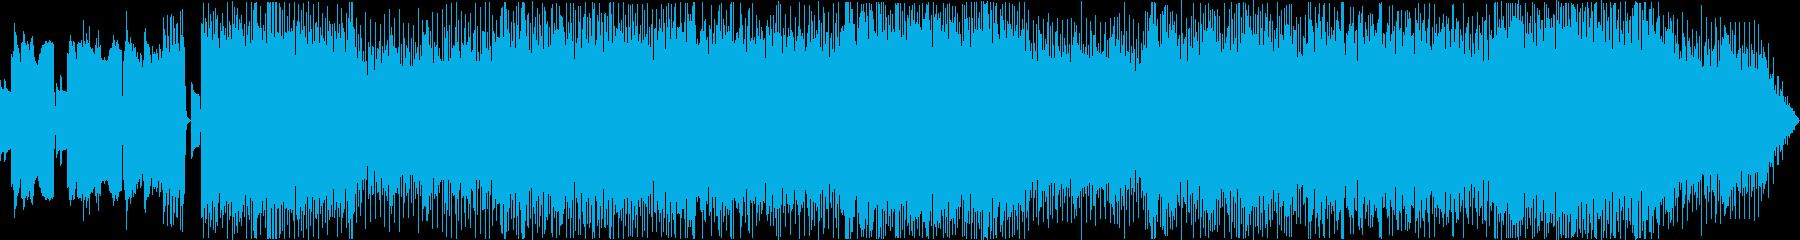 全て8bitなメタル系ボス戦用BGMの再生済みの波形